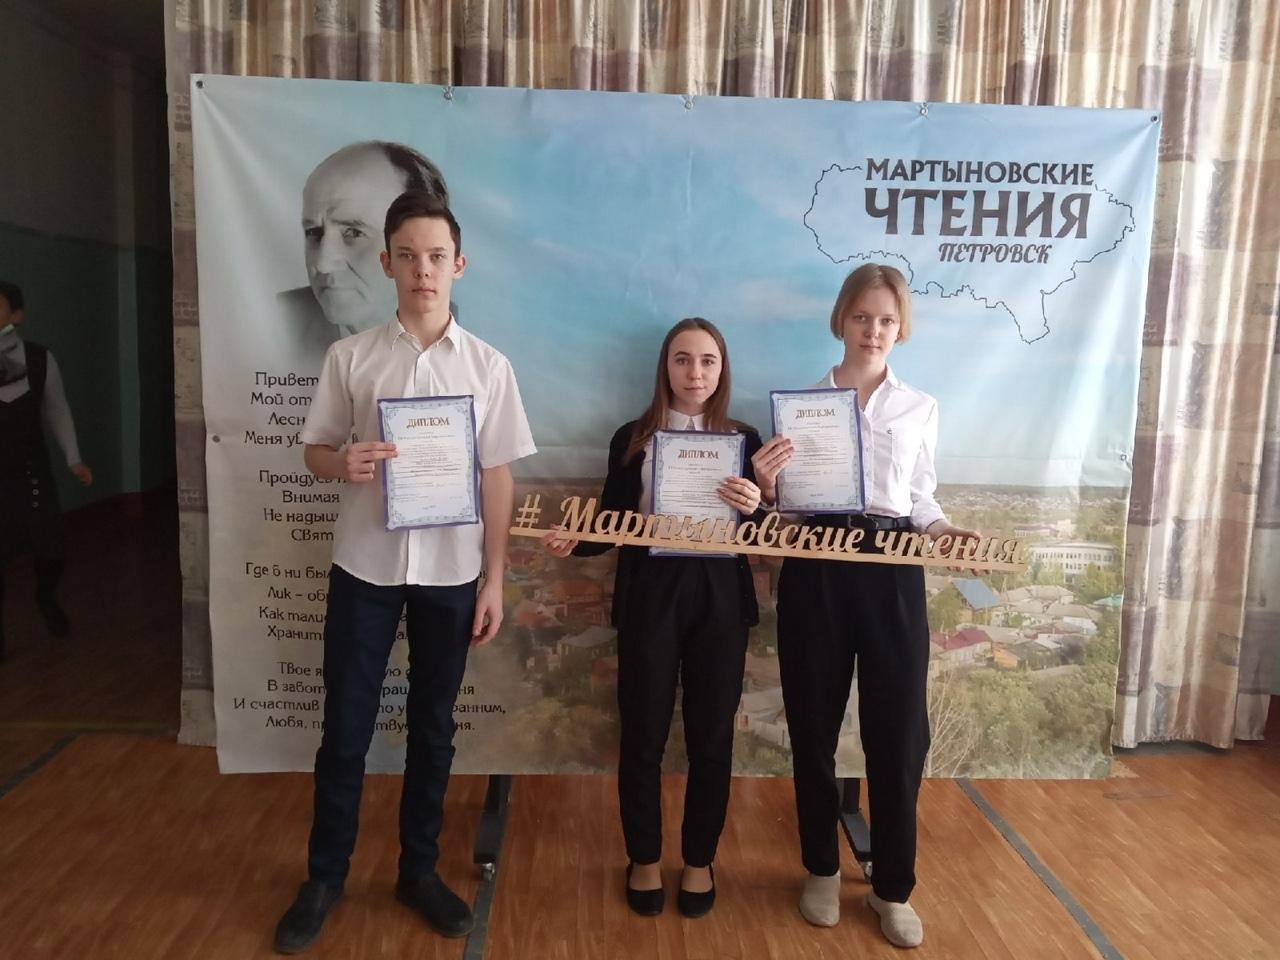 Мартыновские чтения: ученики школы №5 поучаствовали в обзорных экскурсиях по Петровску